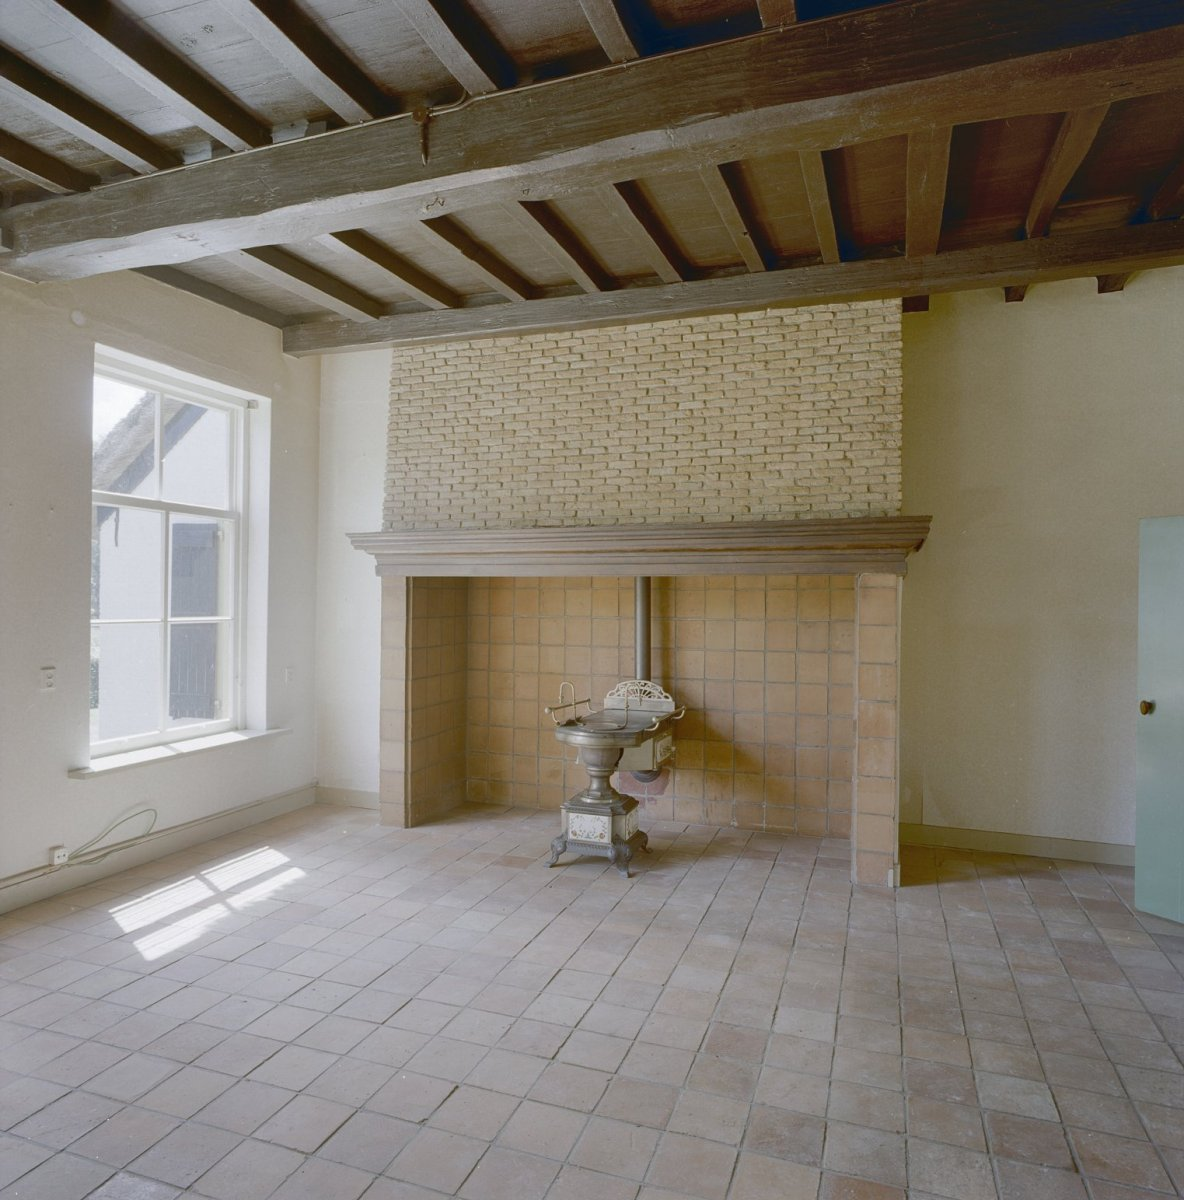 File:Interieur, woonkamer met schouw en balkenplafond - Ulvenhout ...